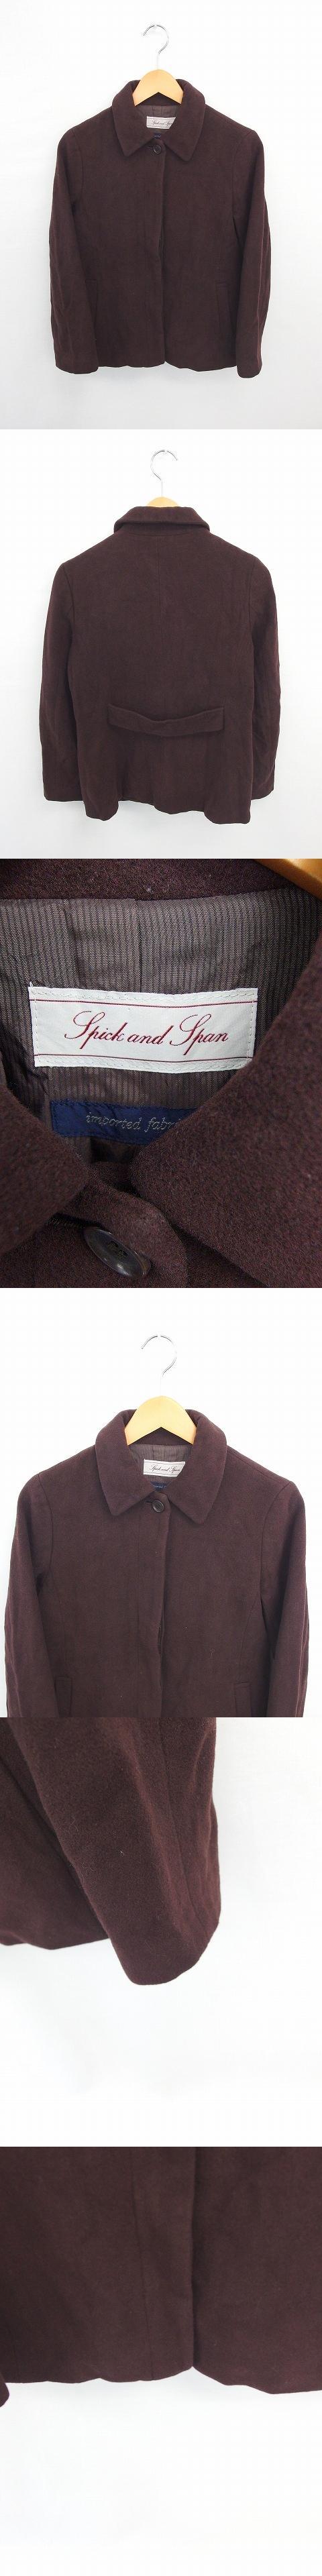 コート アウター ステンカラー 無地 シンプル ウール 前開き 茶 ブラウン /TT5